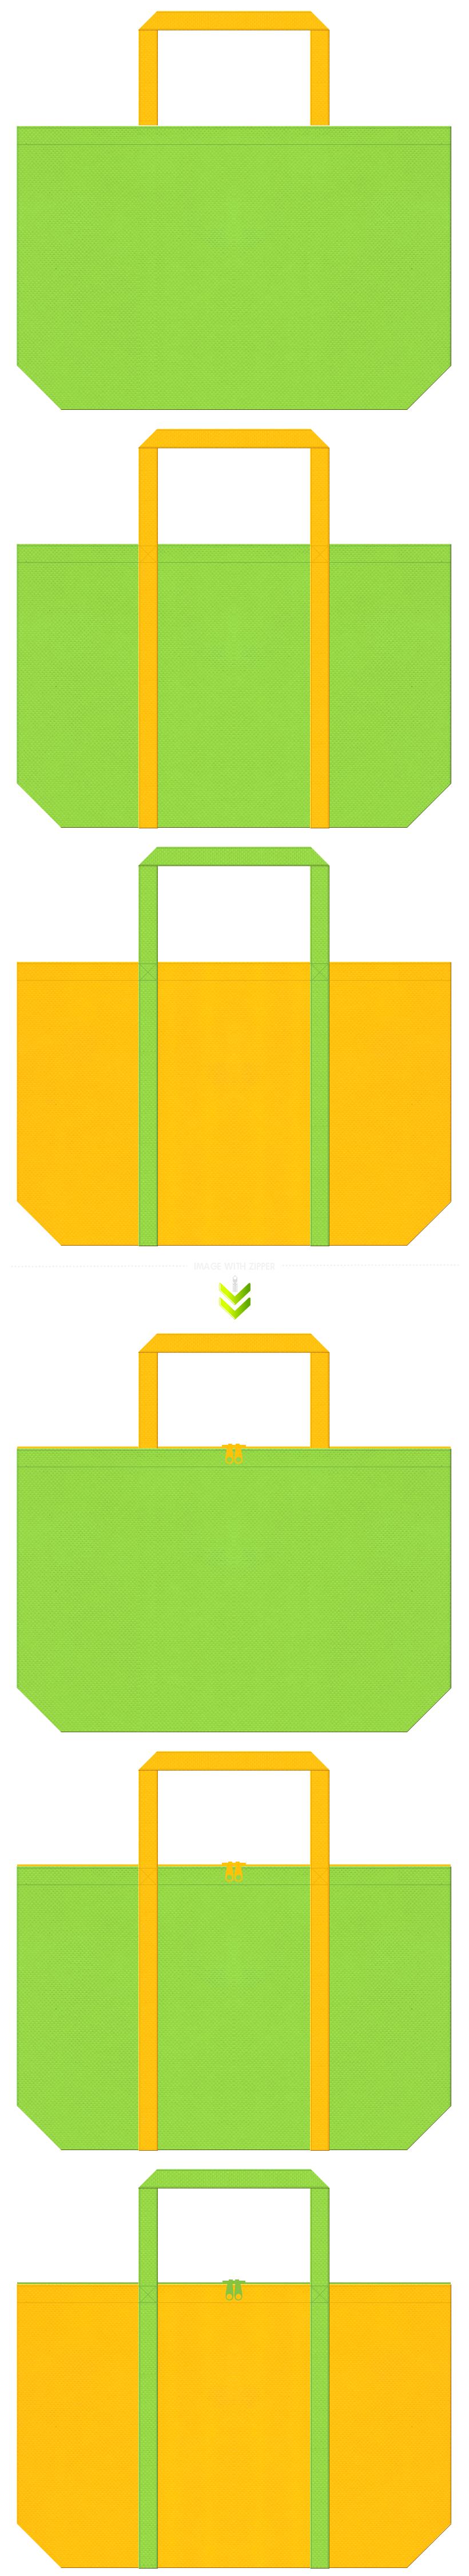 ロードレース・キッズイベント・ゆず・インコ・ひまわり・とうもろこし・たんぽぽ・アブラナ・菜の花・テーマパークのショッピングバッグにお奨めの不織布バッグデザイン:黄緑色と黄色のコーデ